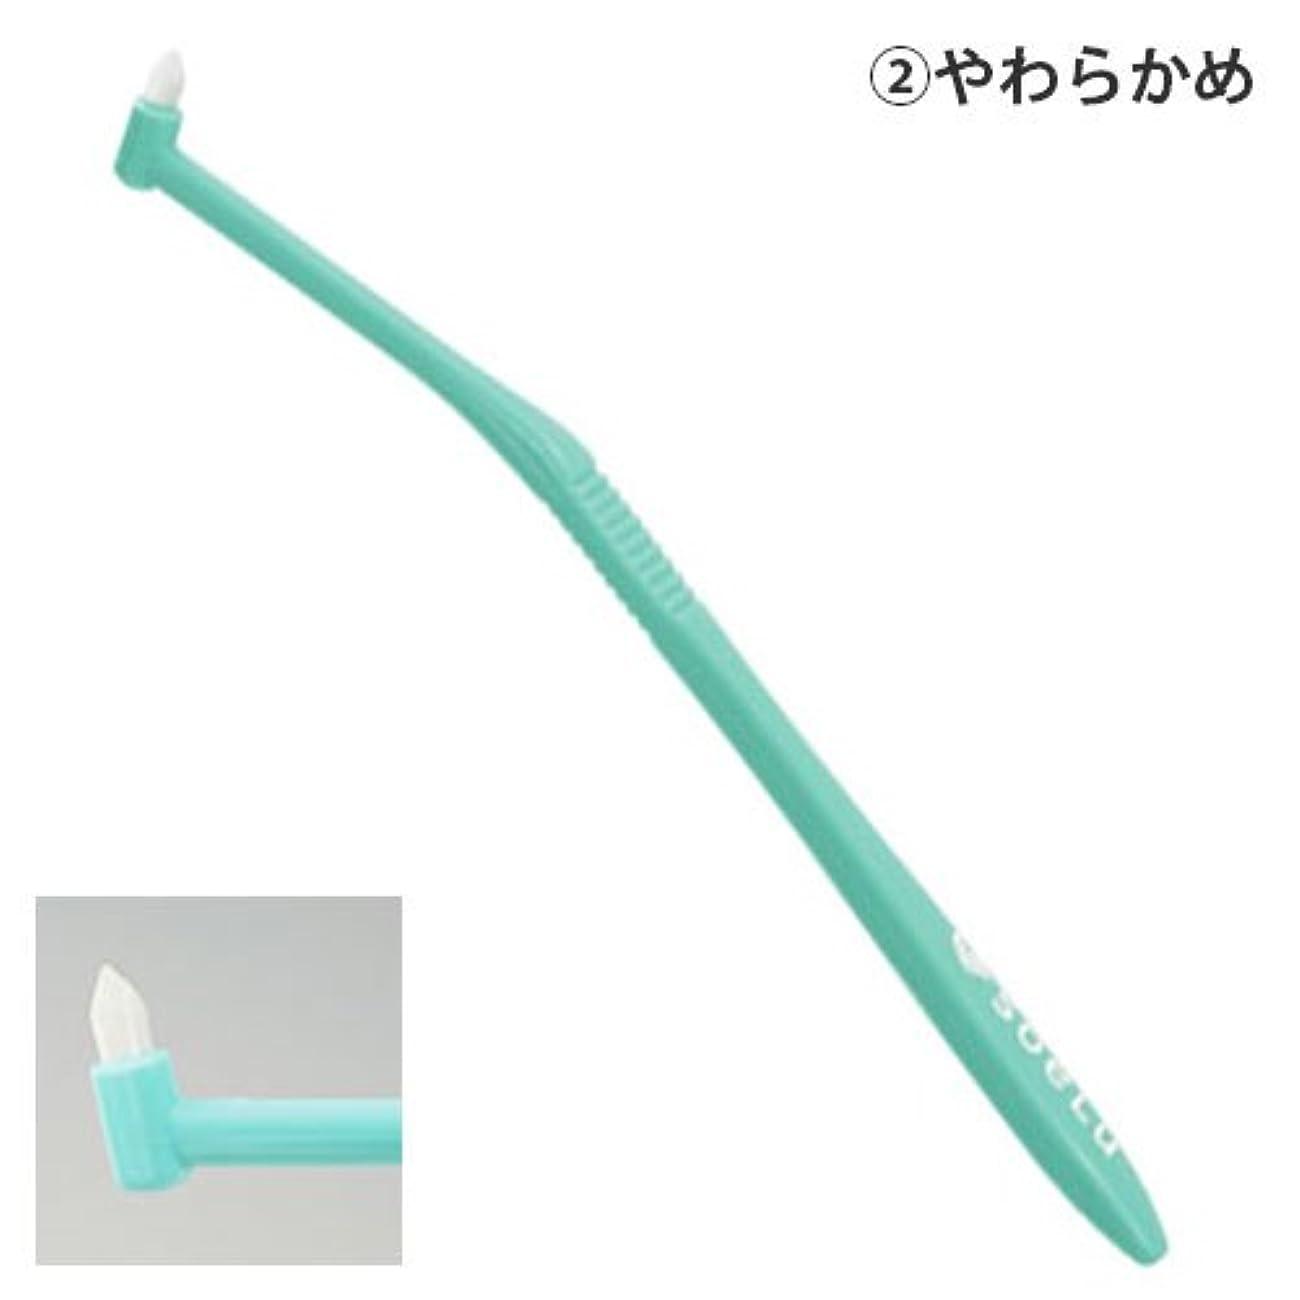 掻くシャワー相反するソエル 歯ブラシ PLUSやわらかめ